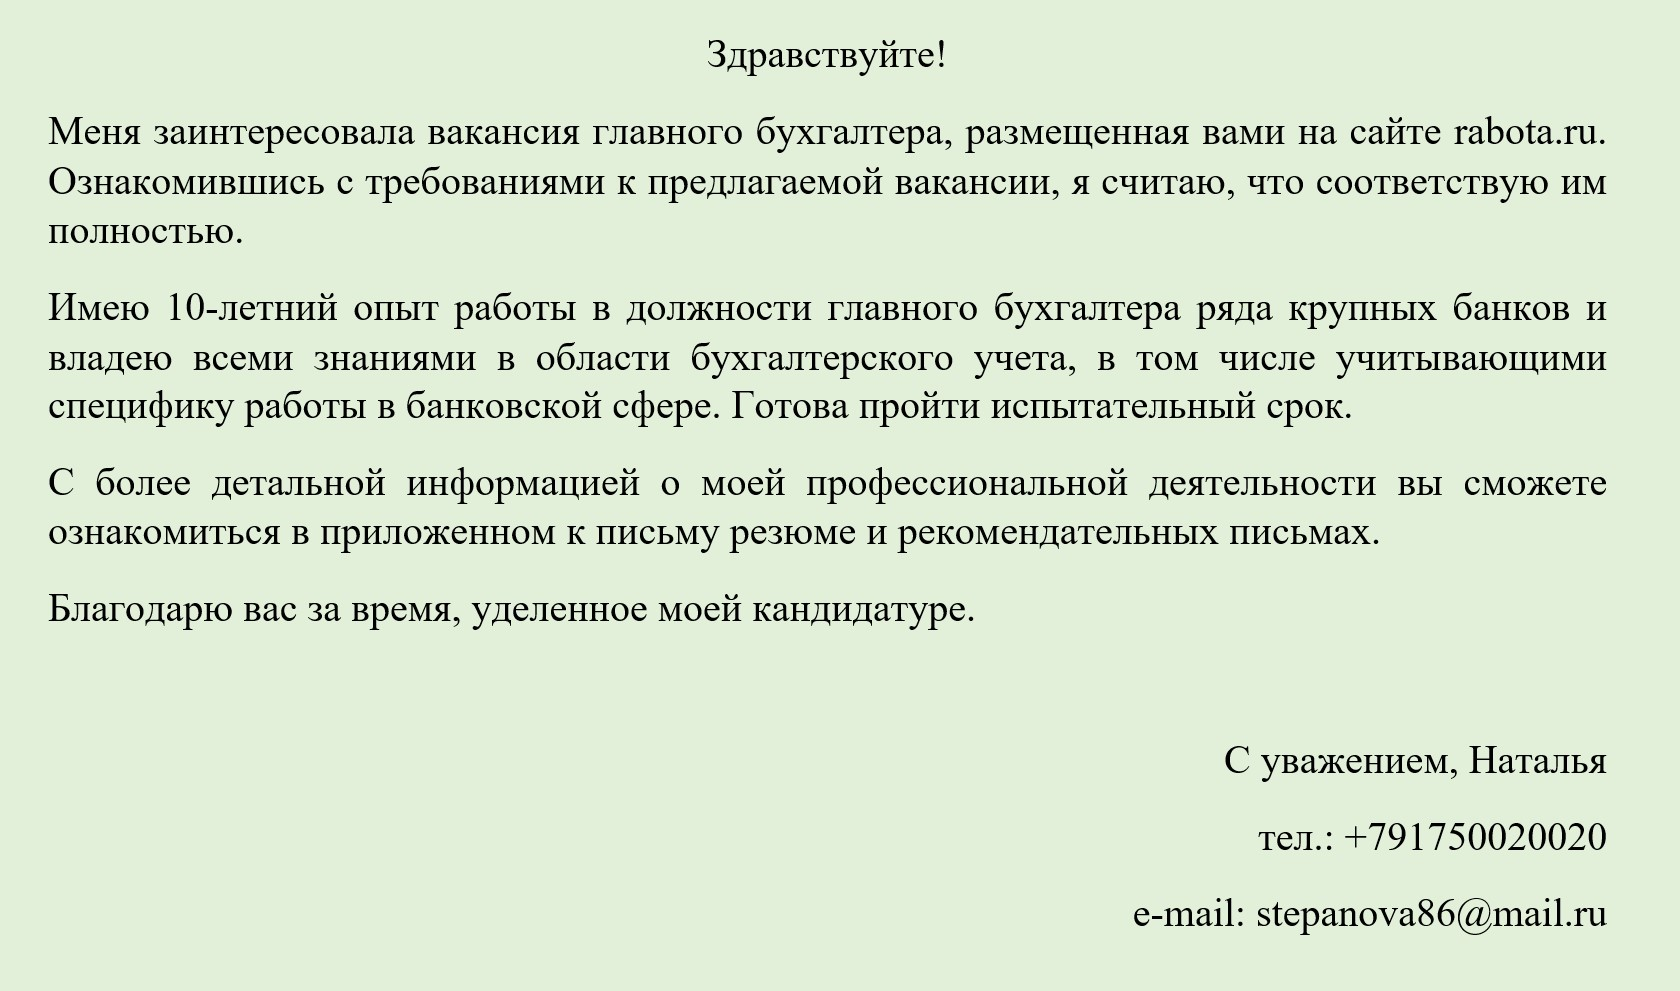 obr soprovod pisma